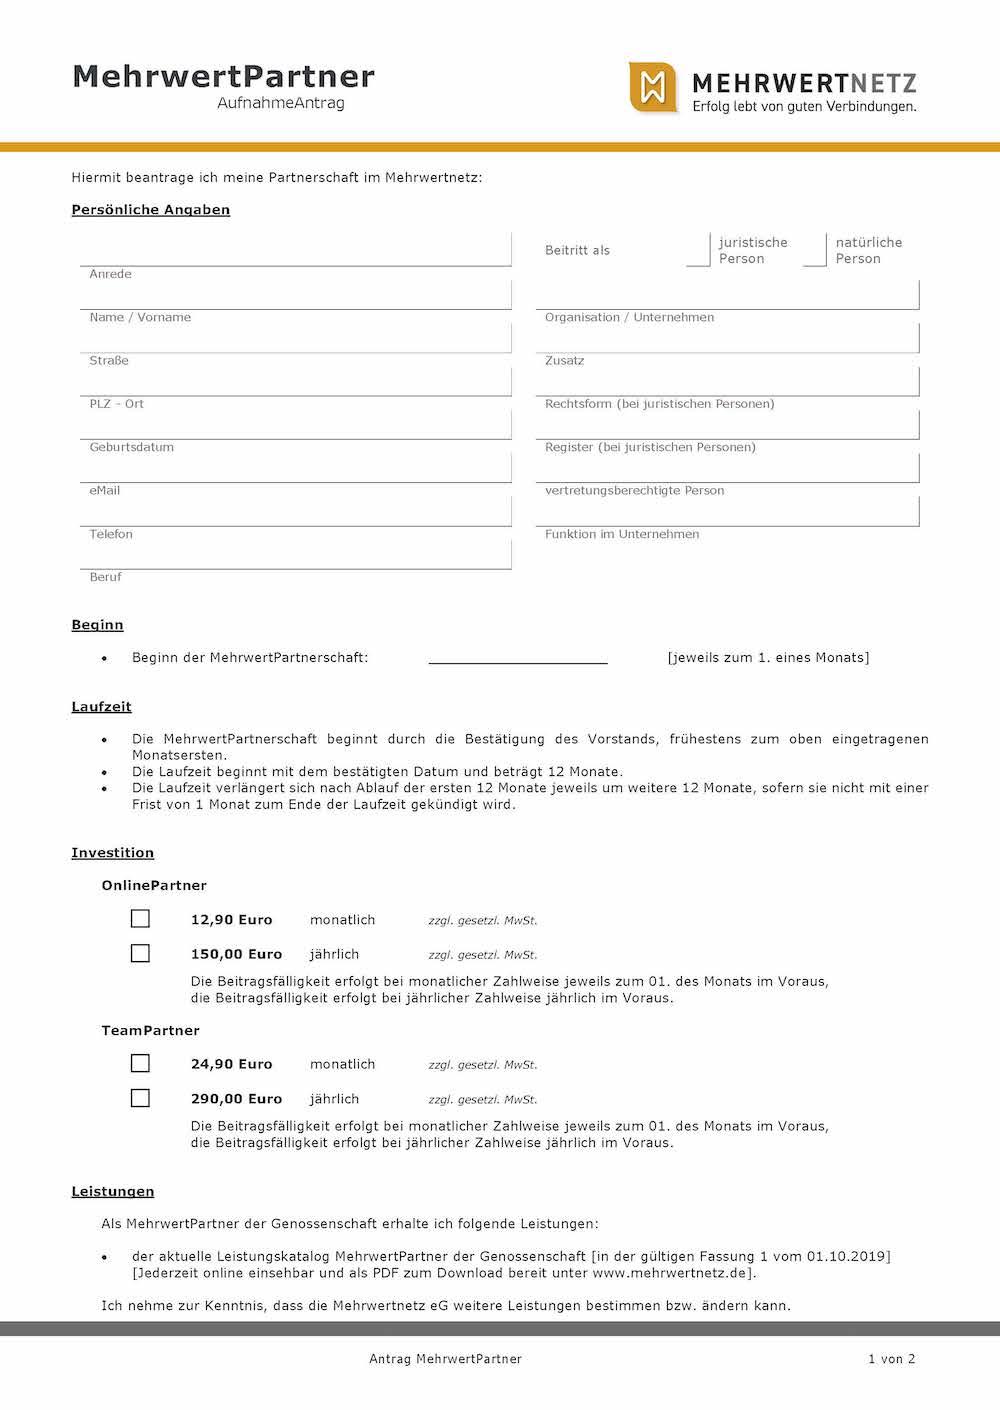 Antrag MehrwertPartner_Mehrwertnetz_eG_Seite_1